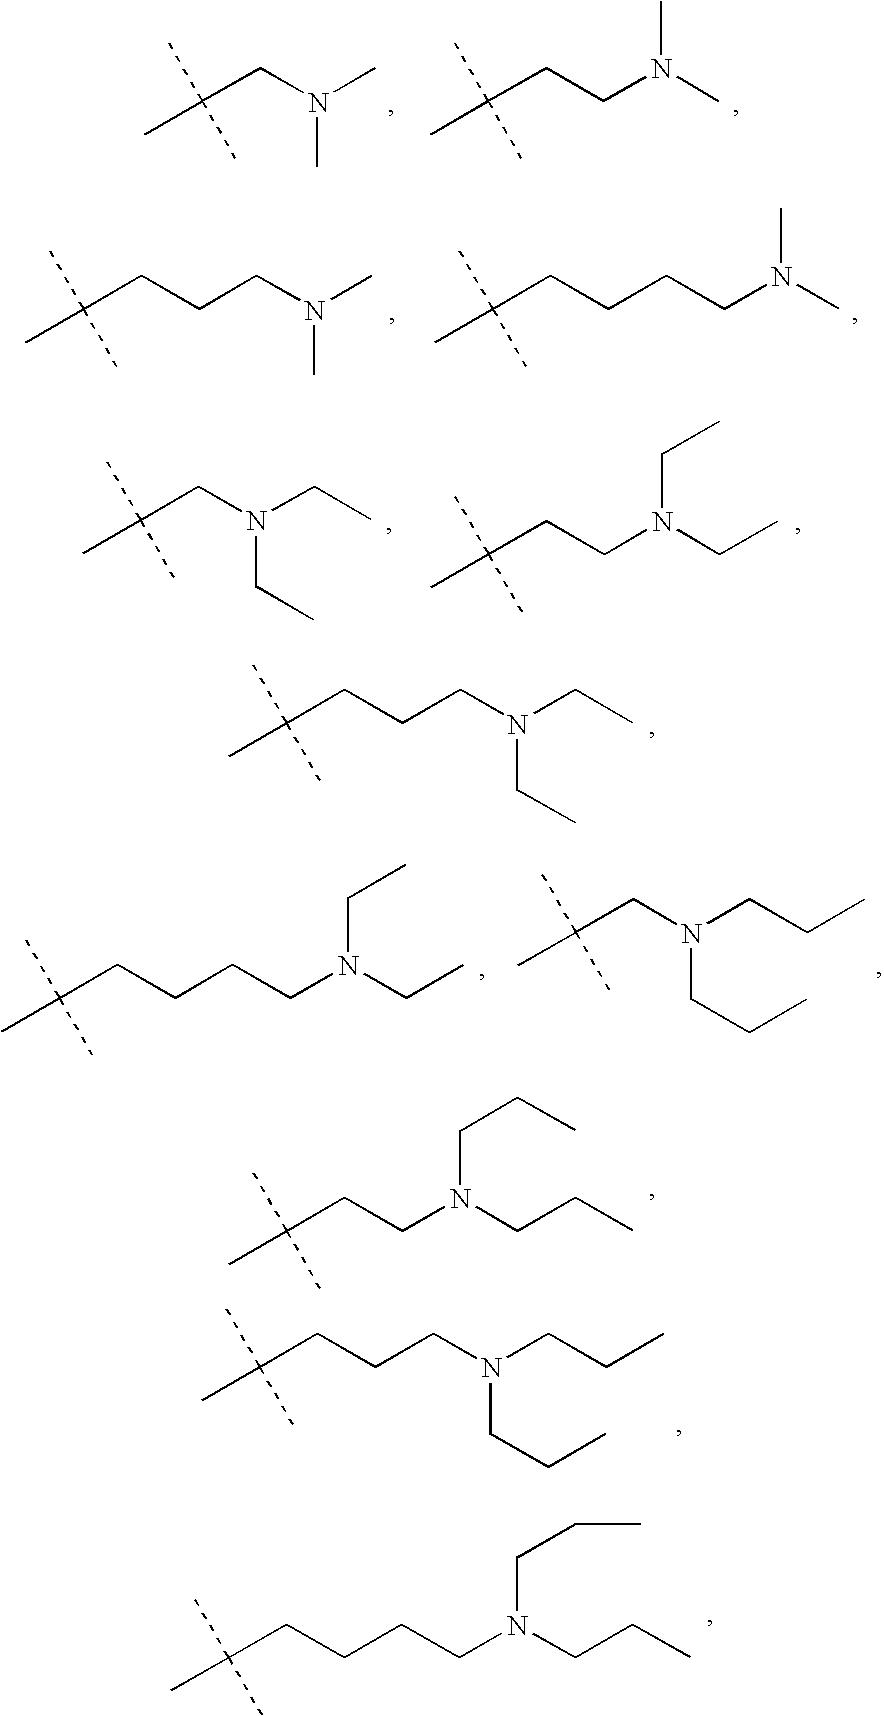 Figure US20050170999A1-20050804-C00013